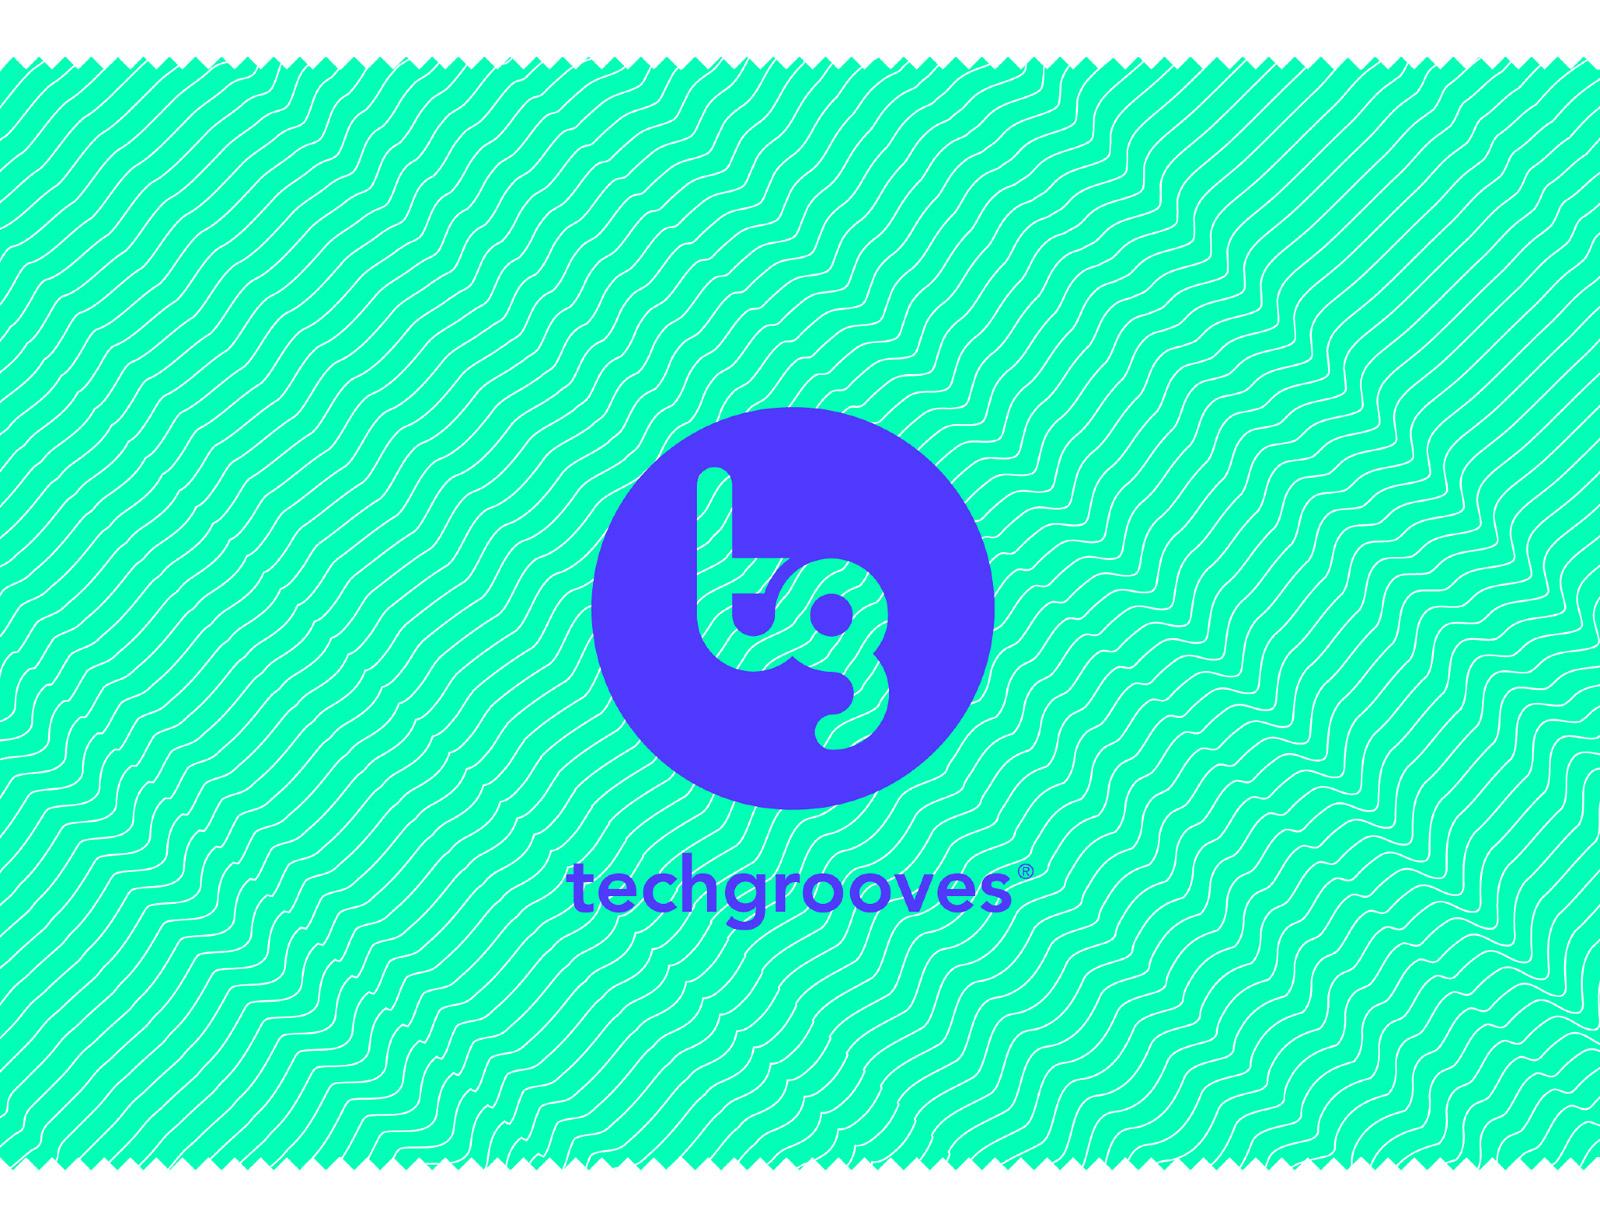 Techgrooves Records / Estudio Pum